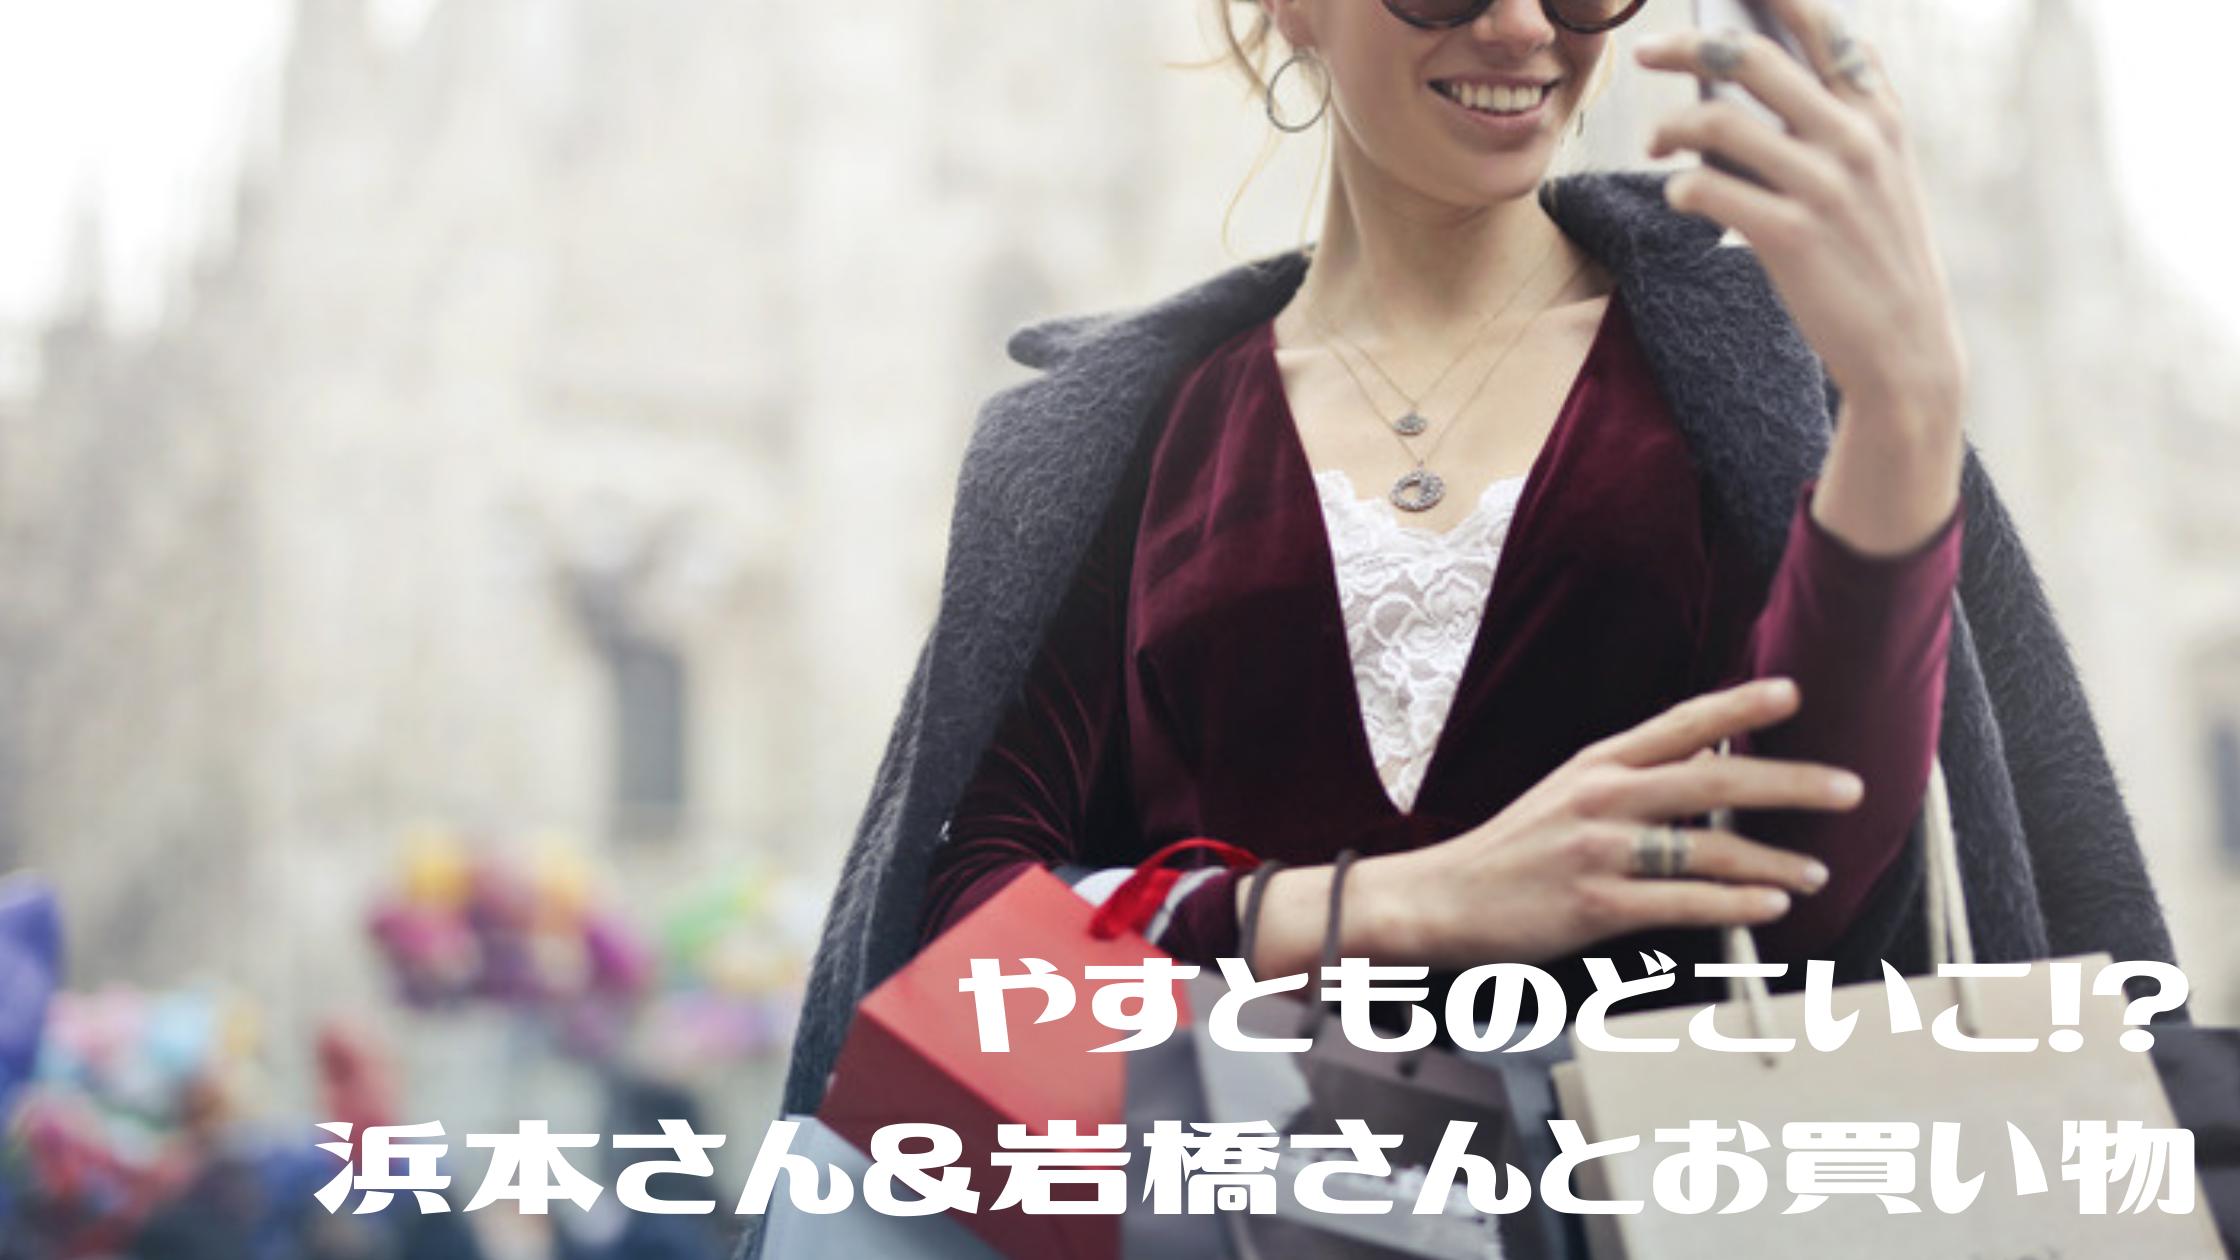 【やすとものどこいこ!?】『CRASH GATE』浜本さん&岩橋さんとお買い物